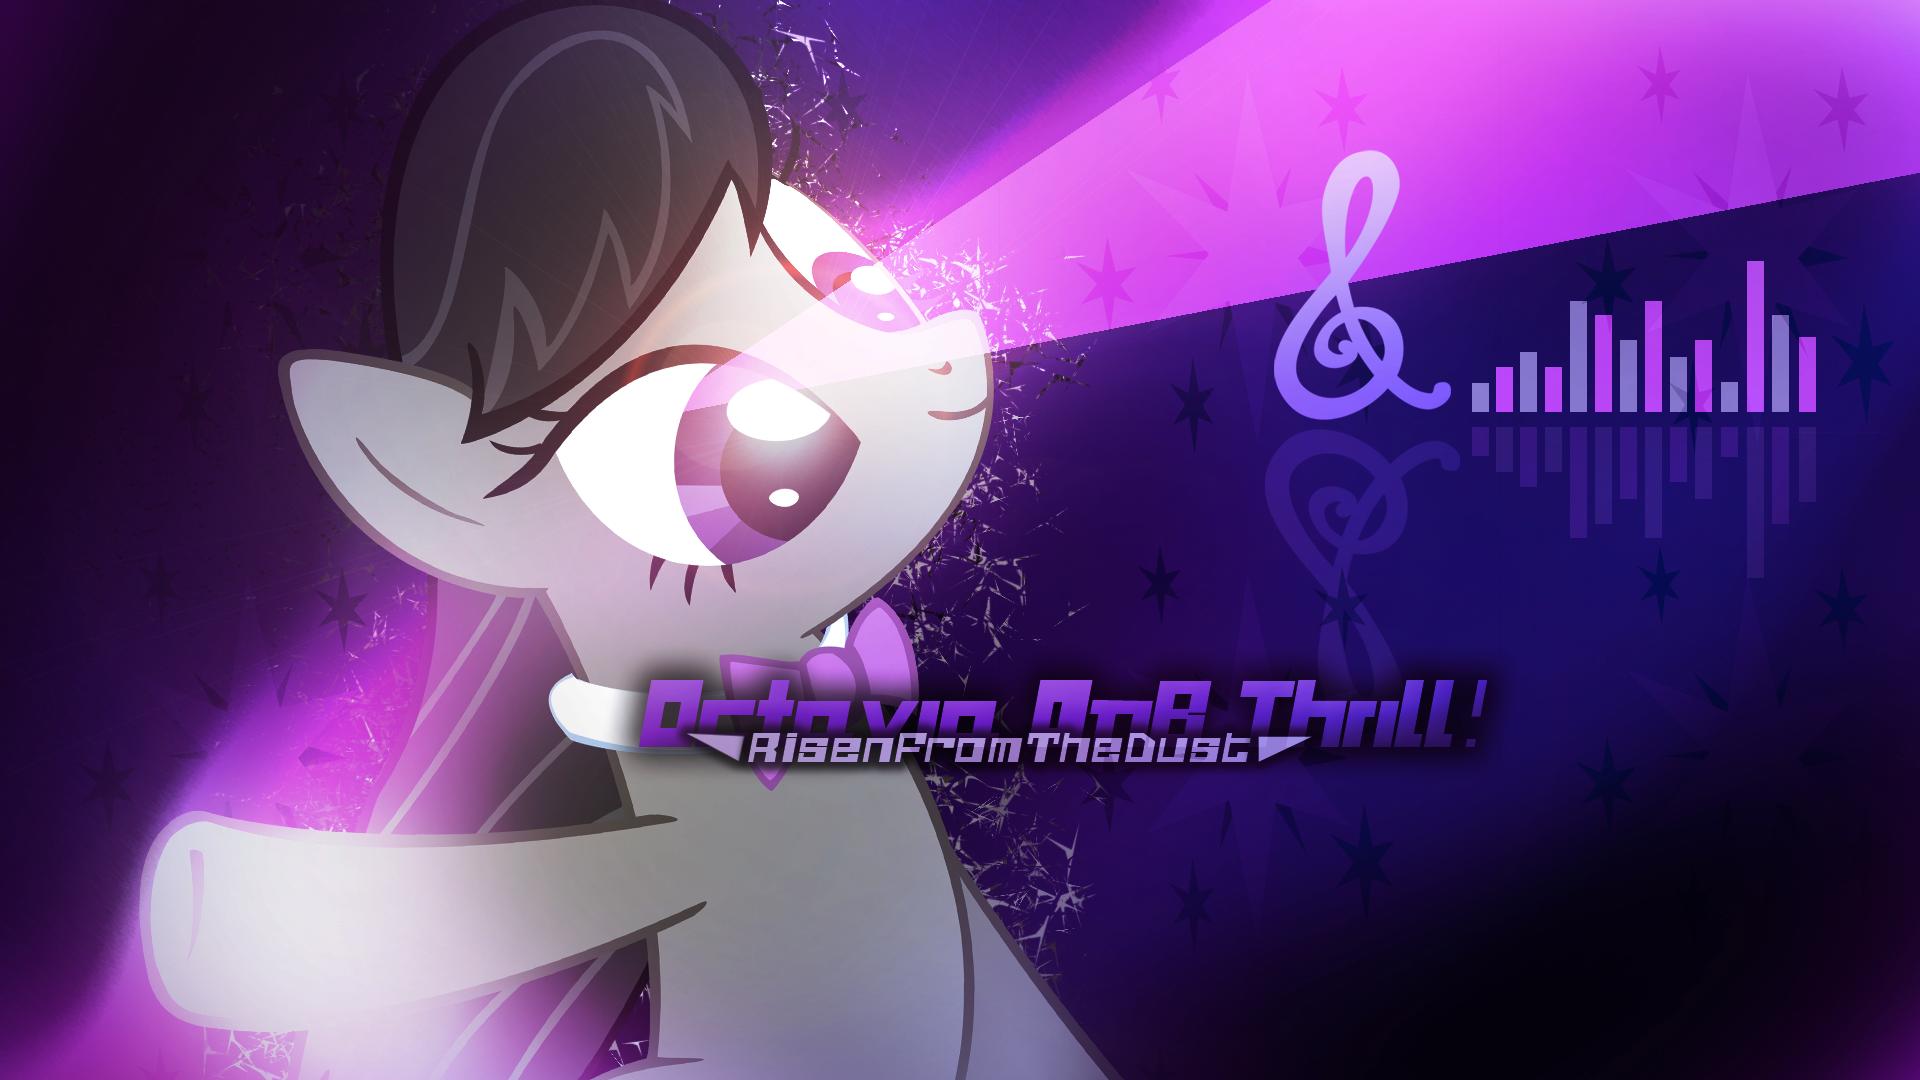 Octavia DnB Thrill! Cover Wallpaper (Alter3.1) by NinjamissenDk and Xtrl